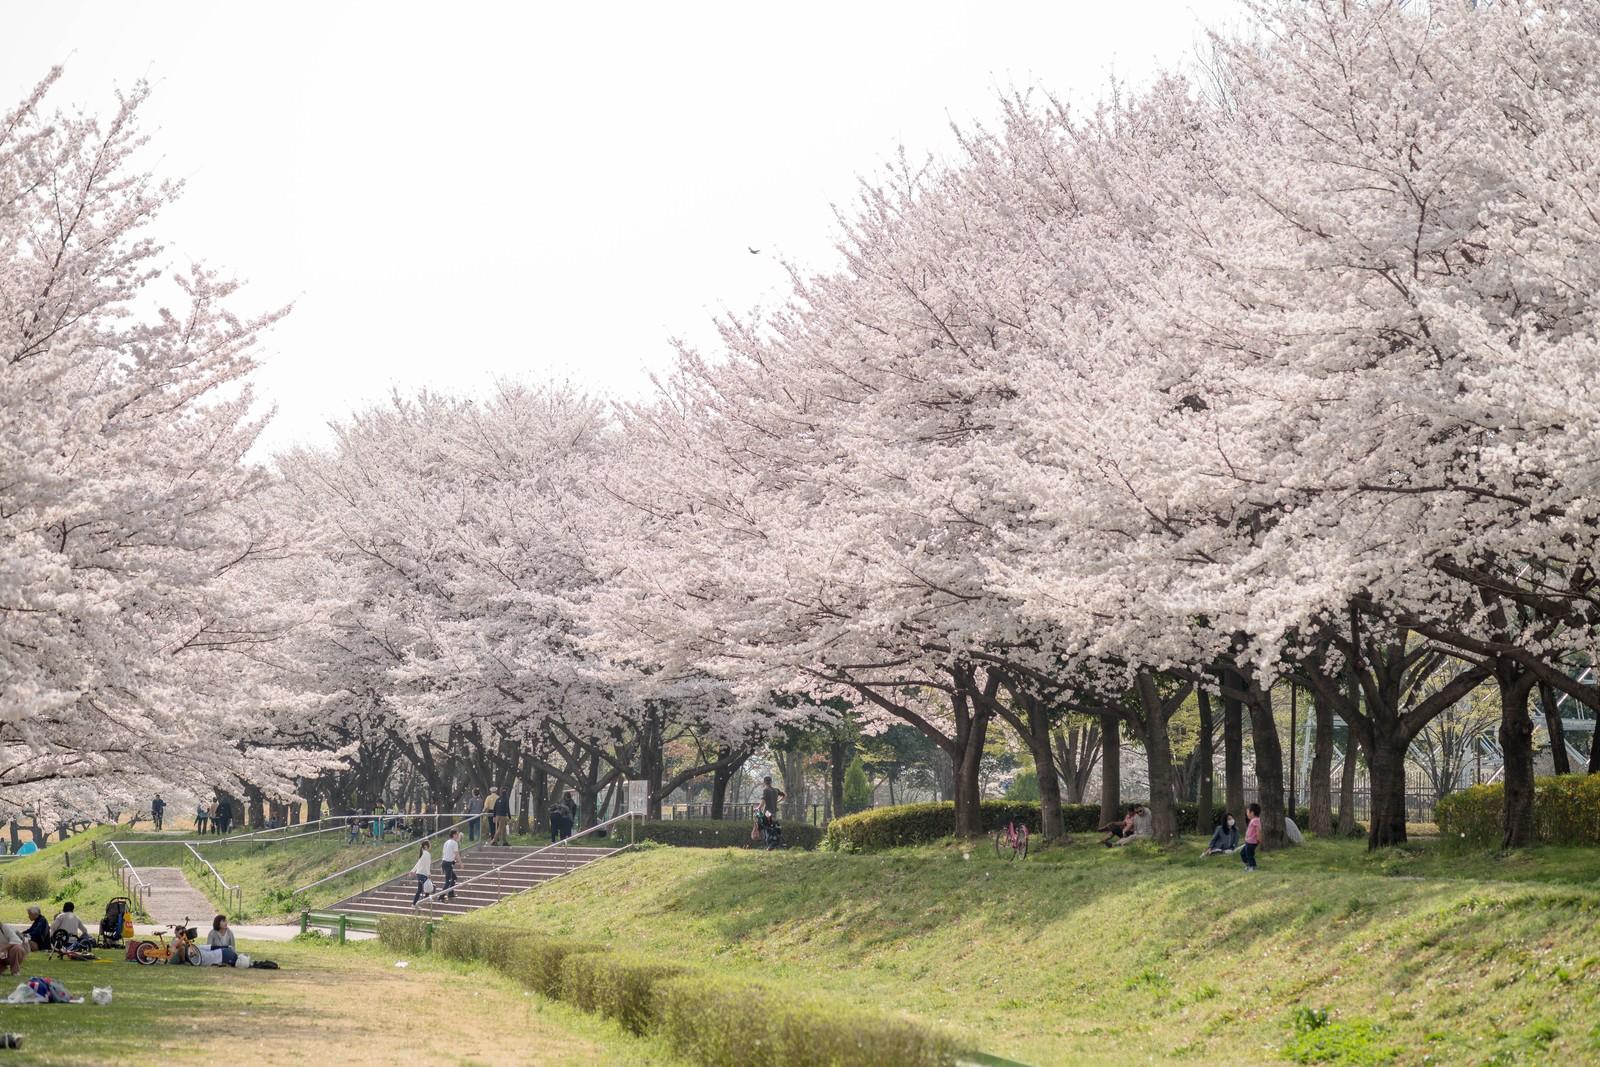 「満開の桜並木と花見人 | 写真の無料素材・フリー素材 - ぱくたそ」の写真